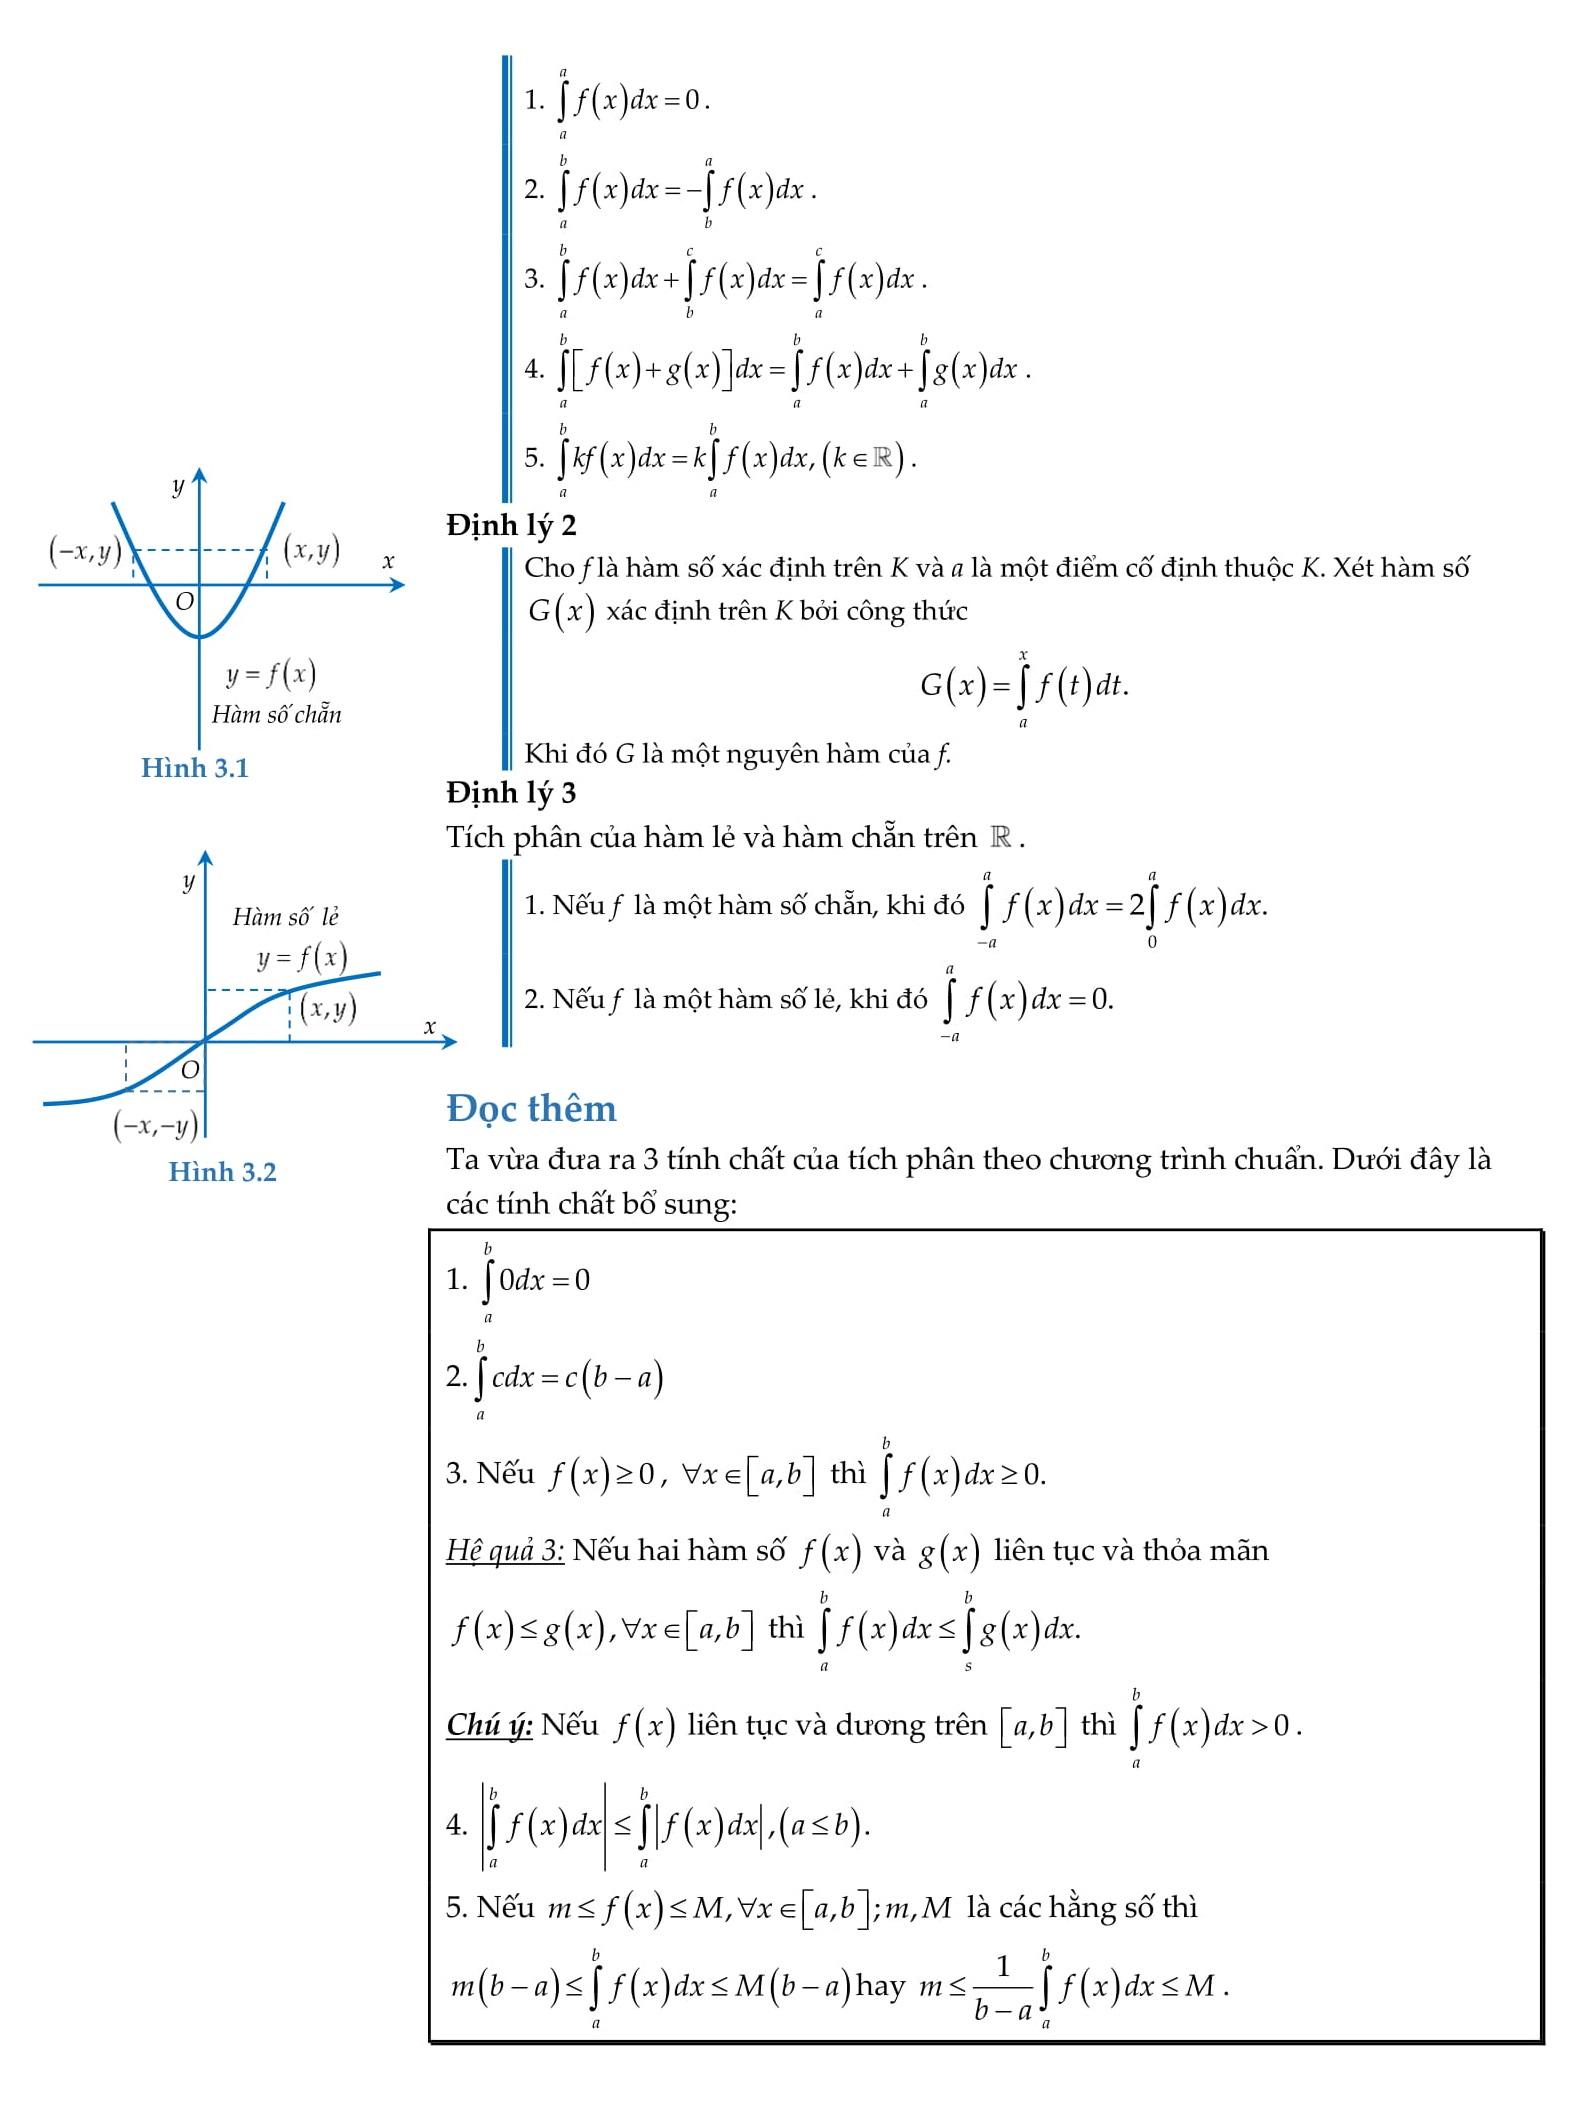 Chuyên đề 3: Nguyên hàm và tích phân - Toán 12